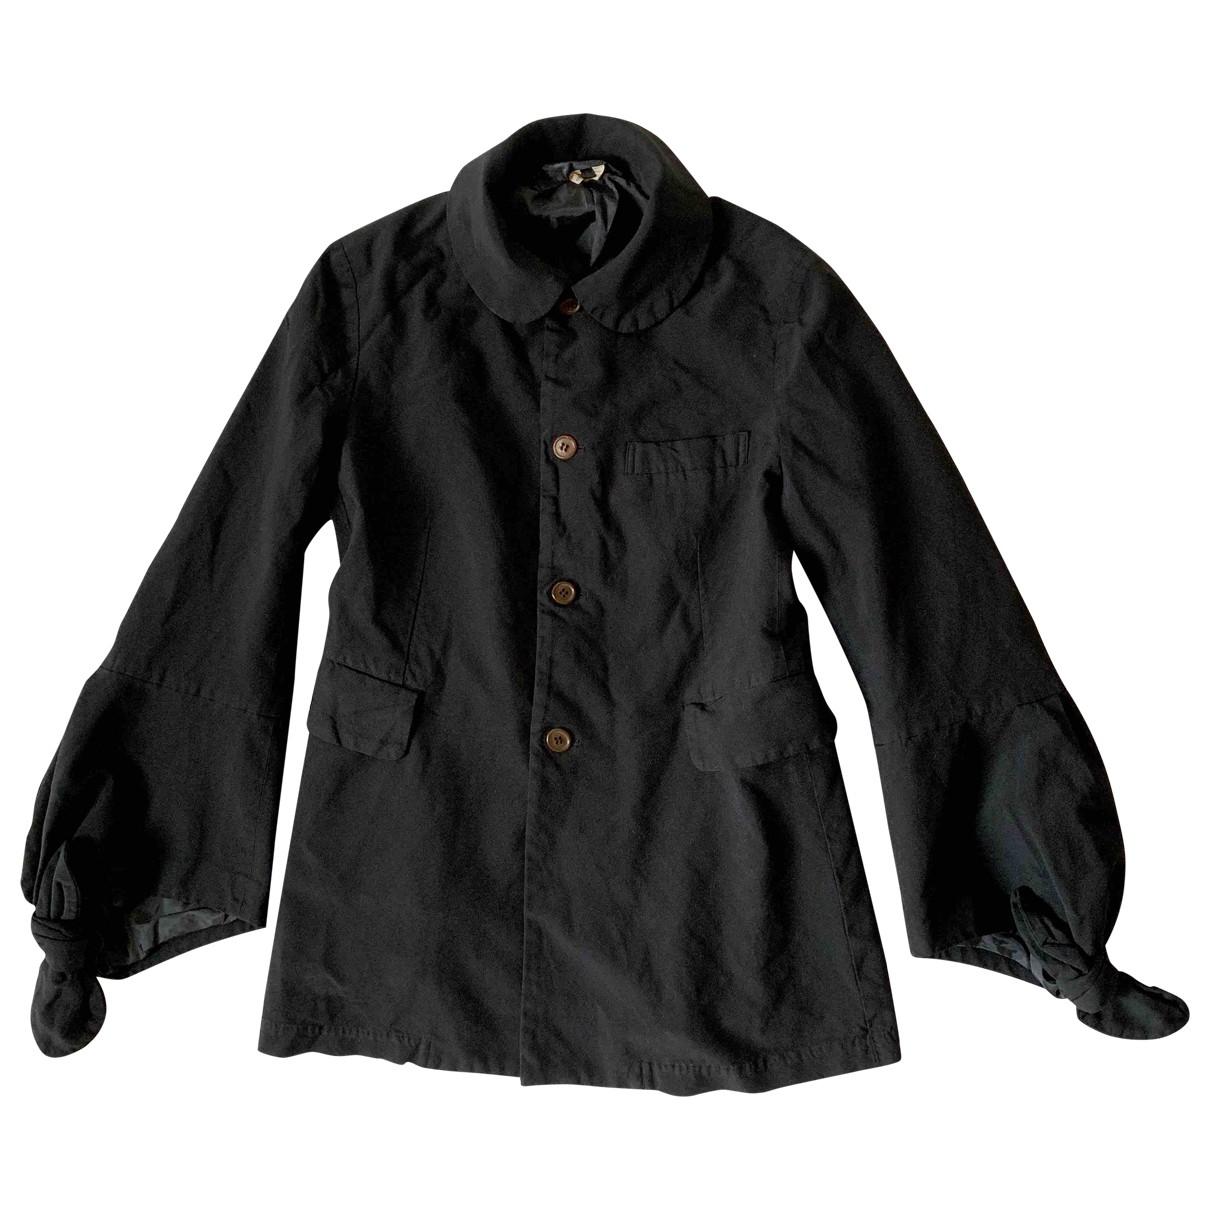 Comme Des Garcons \N Black jacket for Women S International